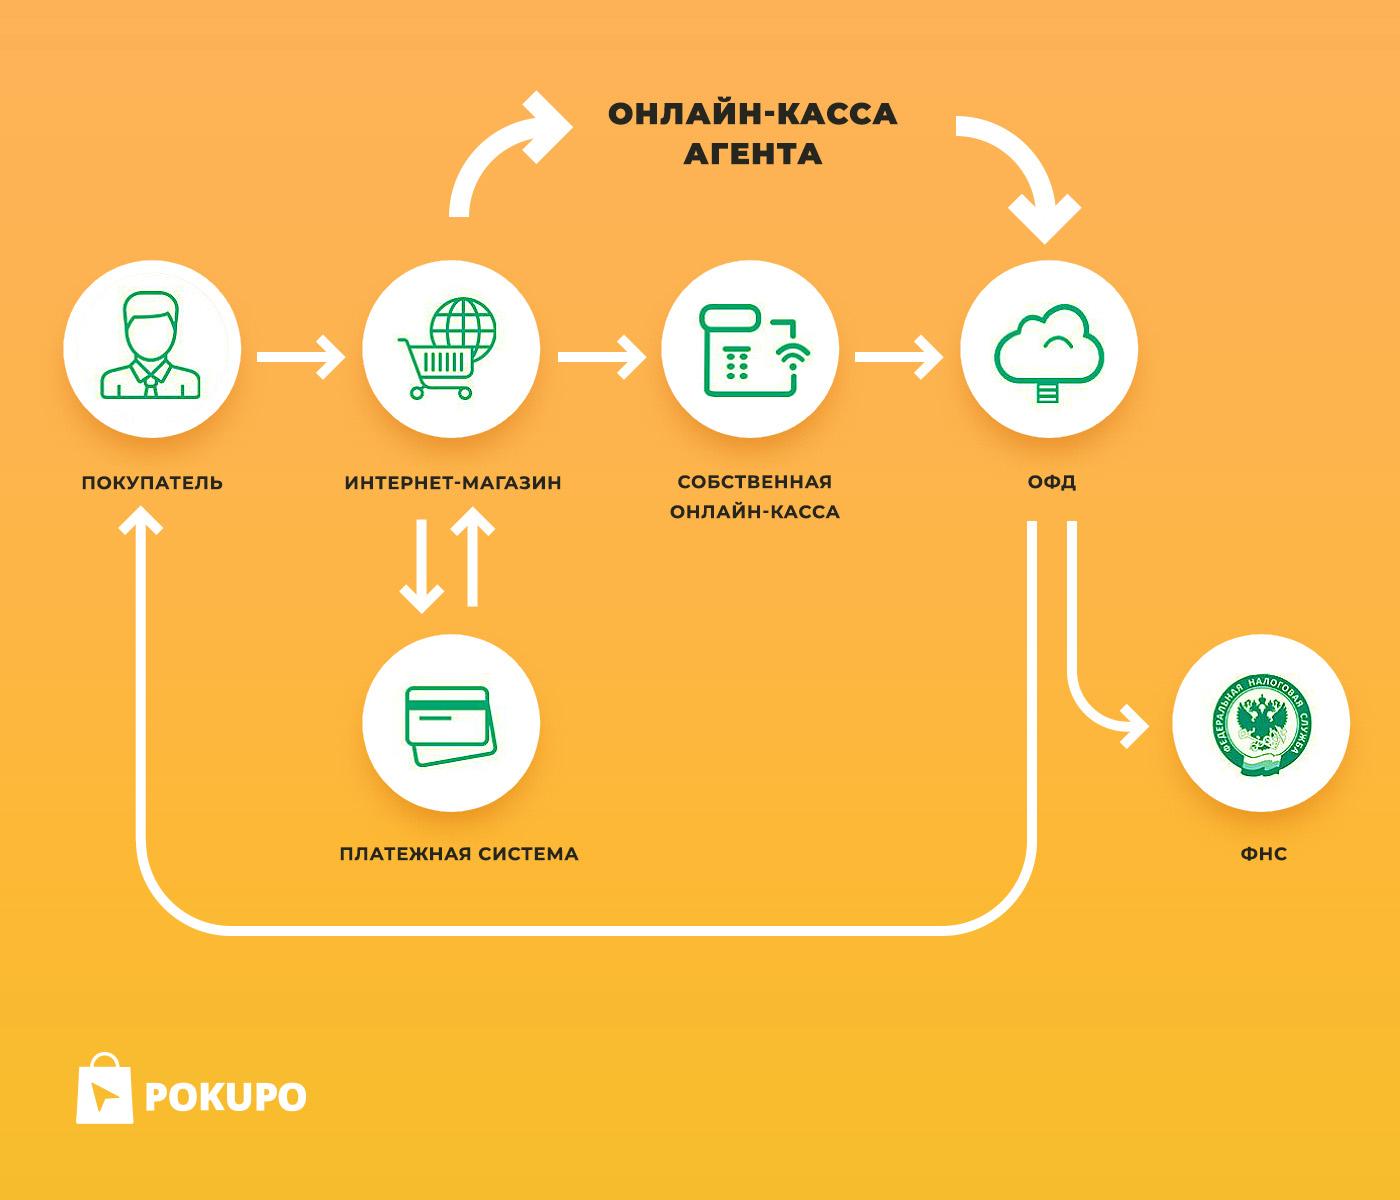 как работает касса на Pokupo?